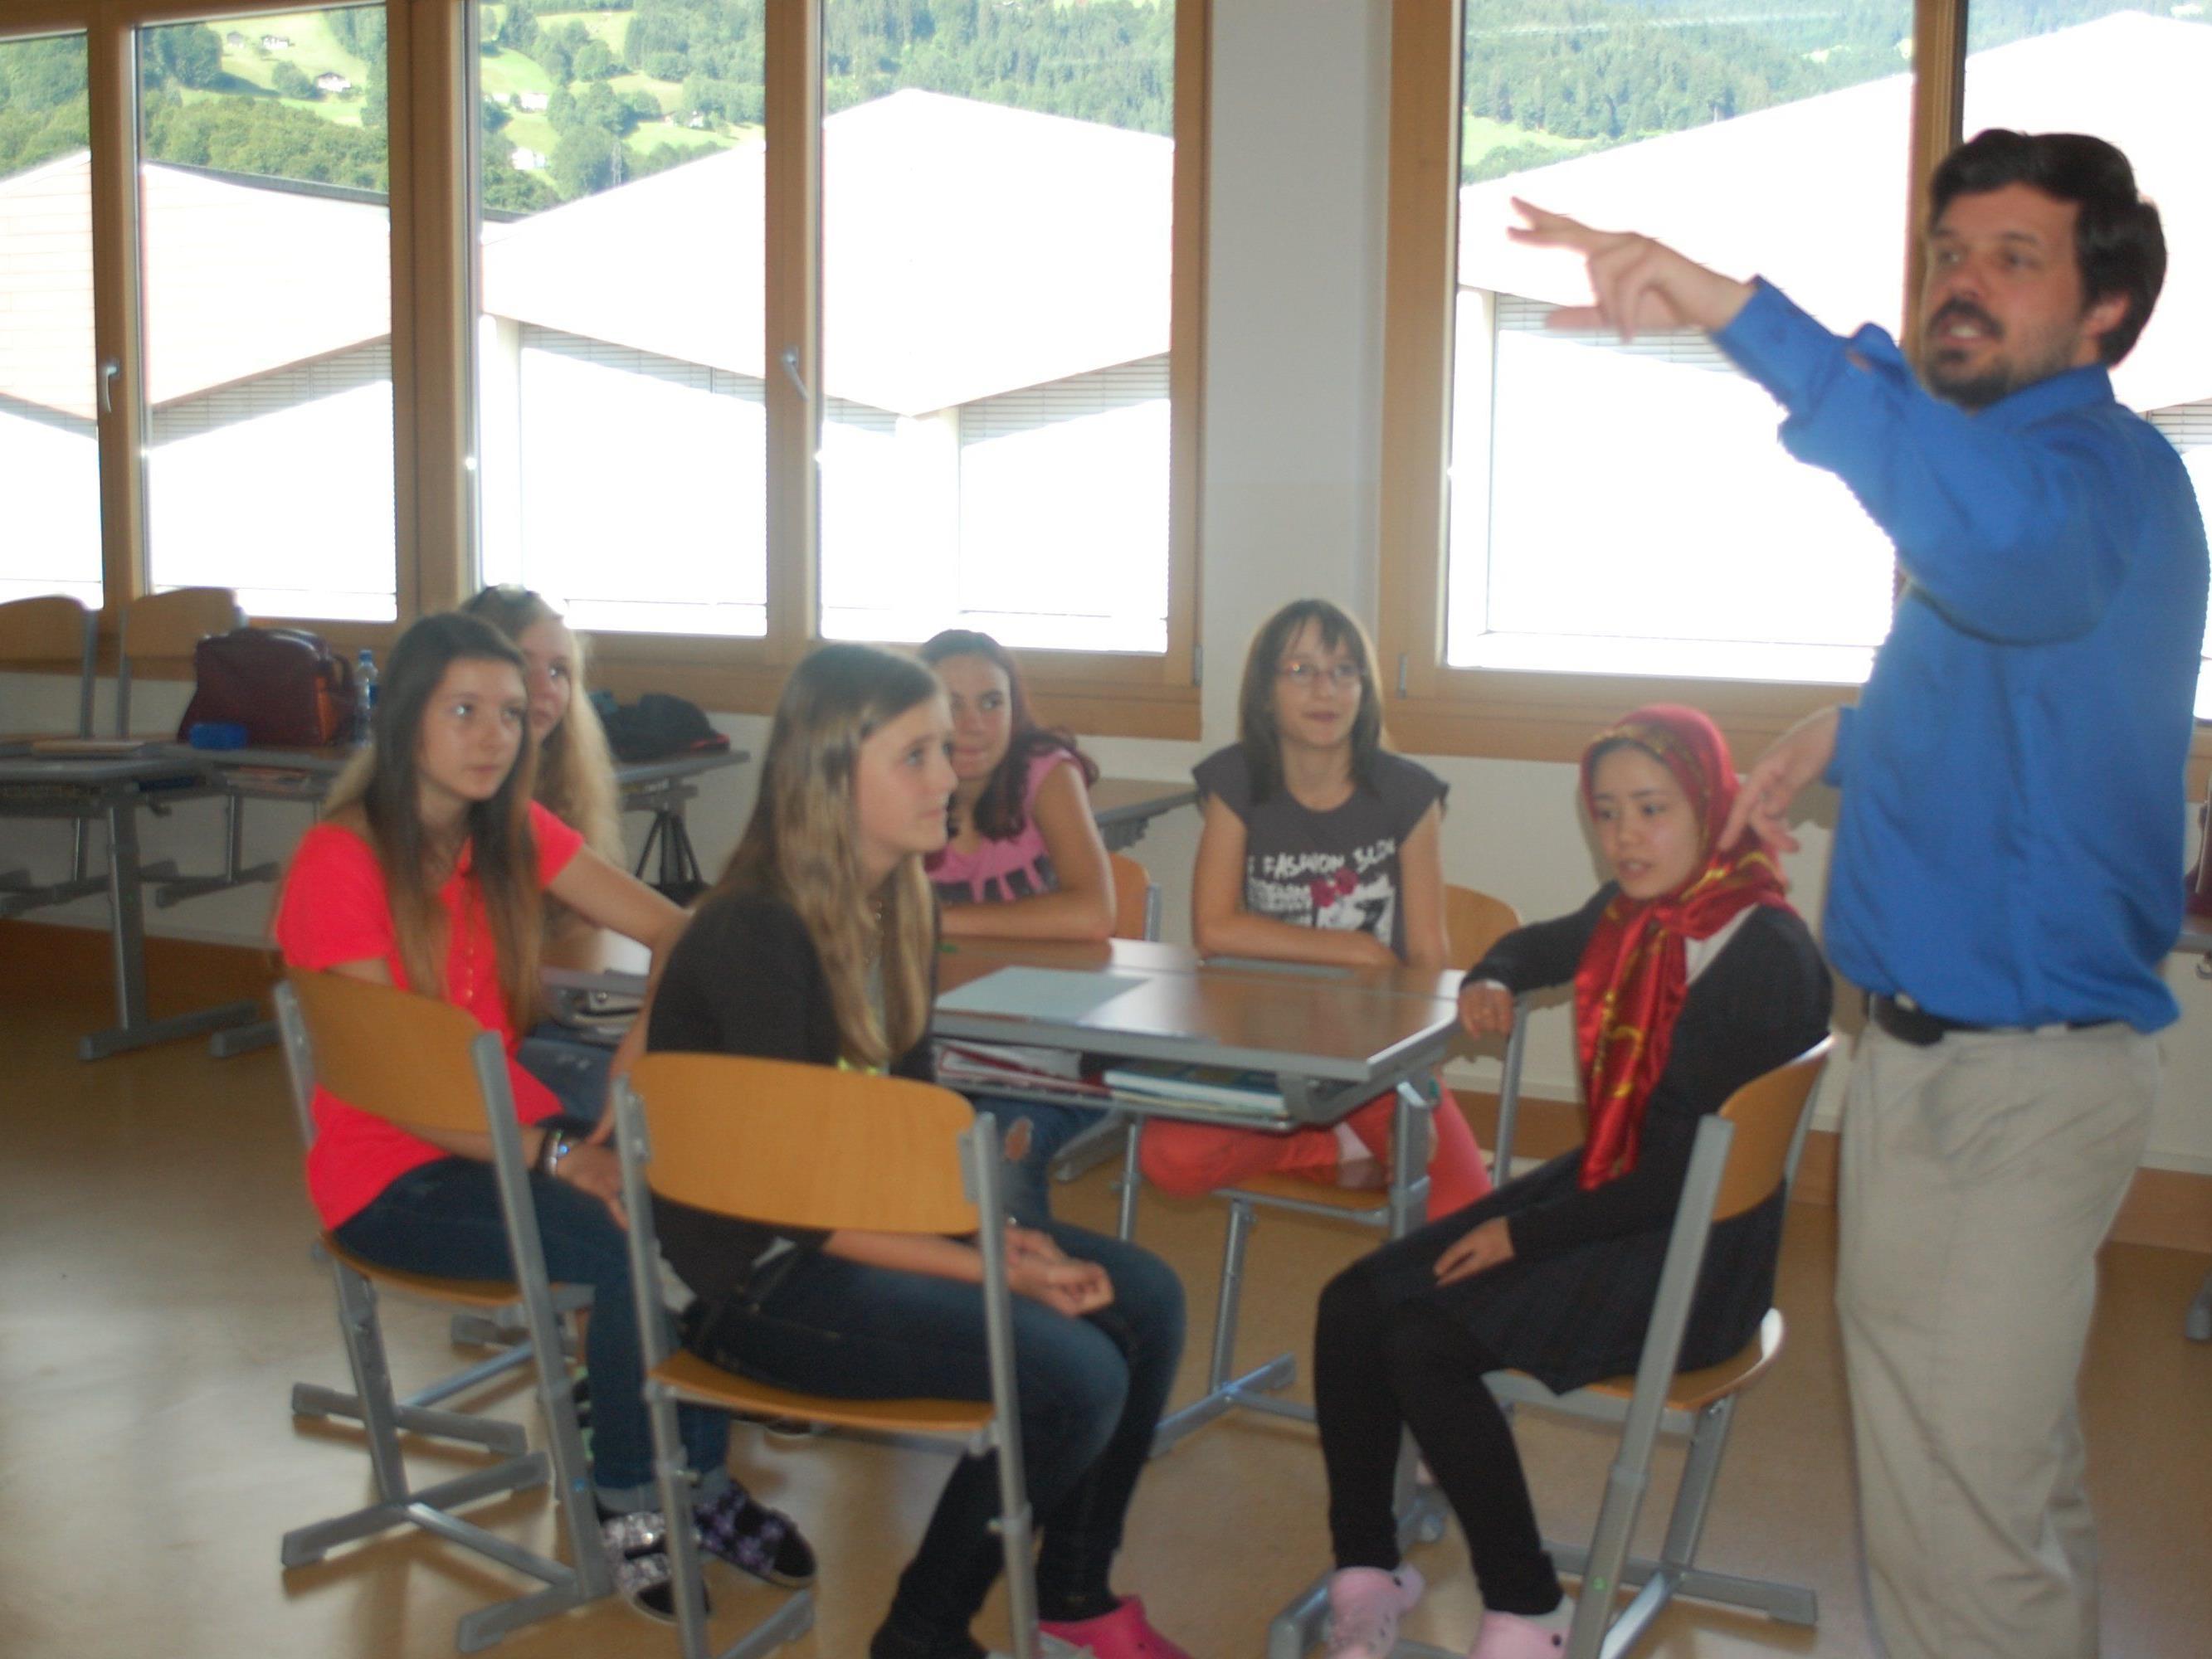 Der Unterricht ist recht handlungsorientiert und die Schüler müssen sich sehr viel einbringen